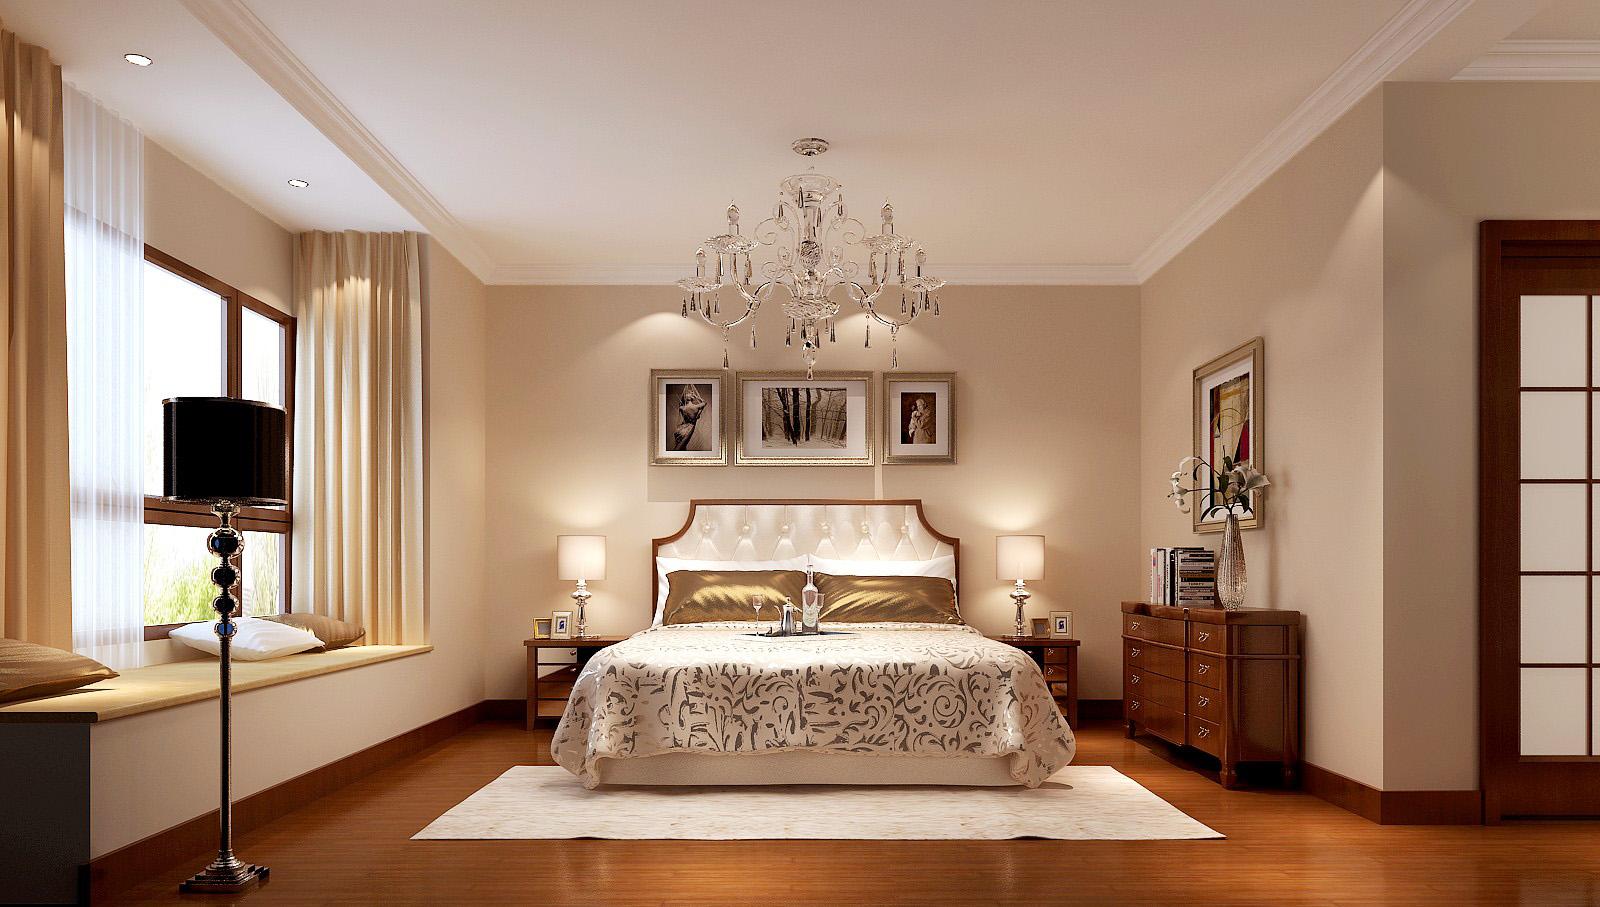 简约 欧式 公寓 高度国际 高富帅 卧室图片来自重庆高度国际装饰工程有限公司在香悦四季-简欧风格的分享